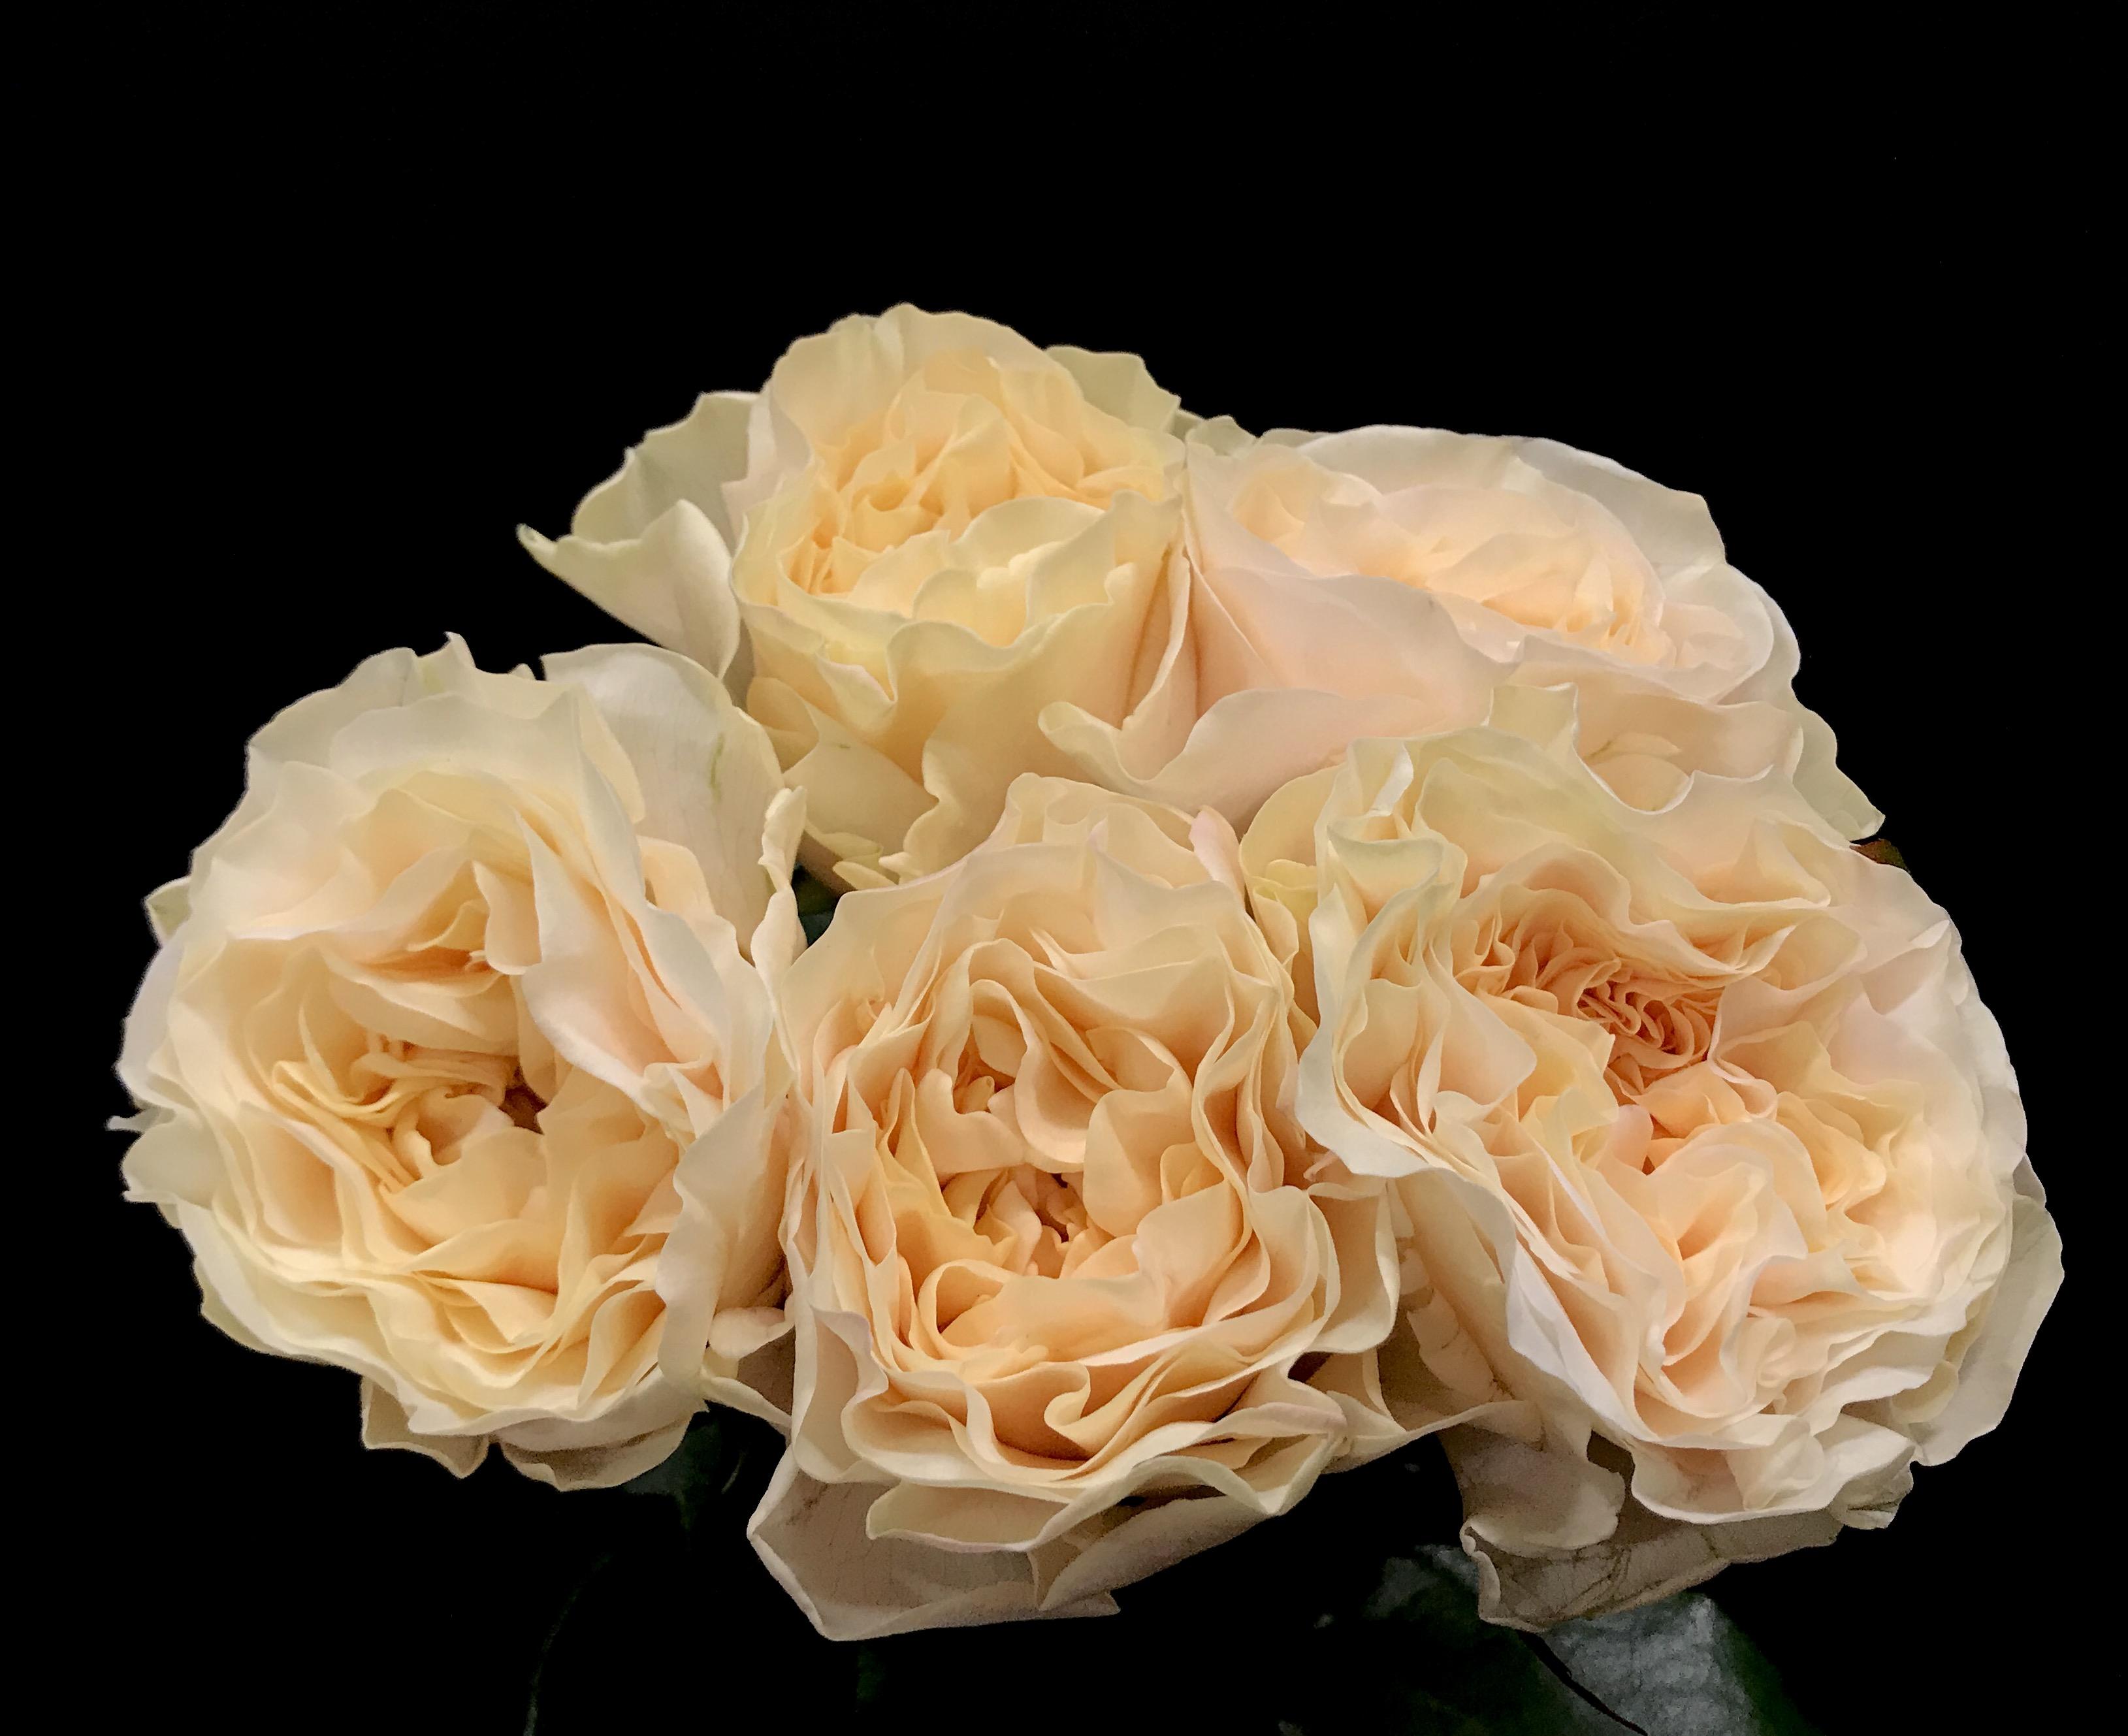 cream fragrance - Cream Garden Rose